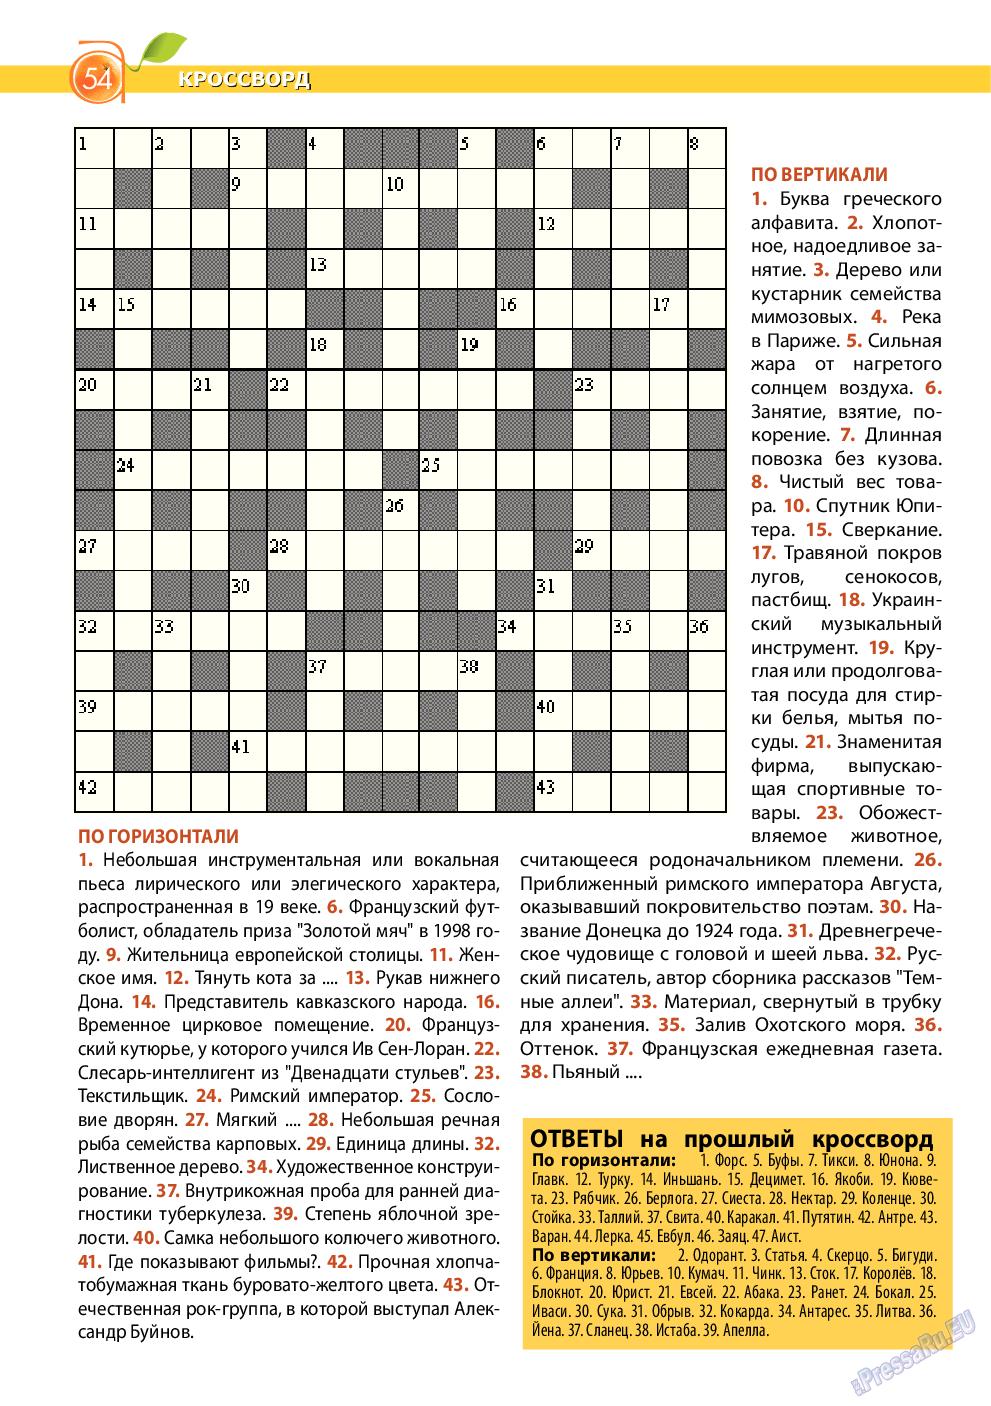 Апельсин (журнал). 2014 год, номер 65, стр. 54